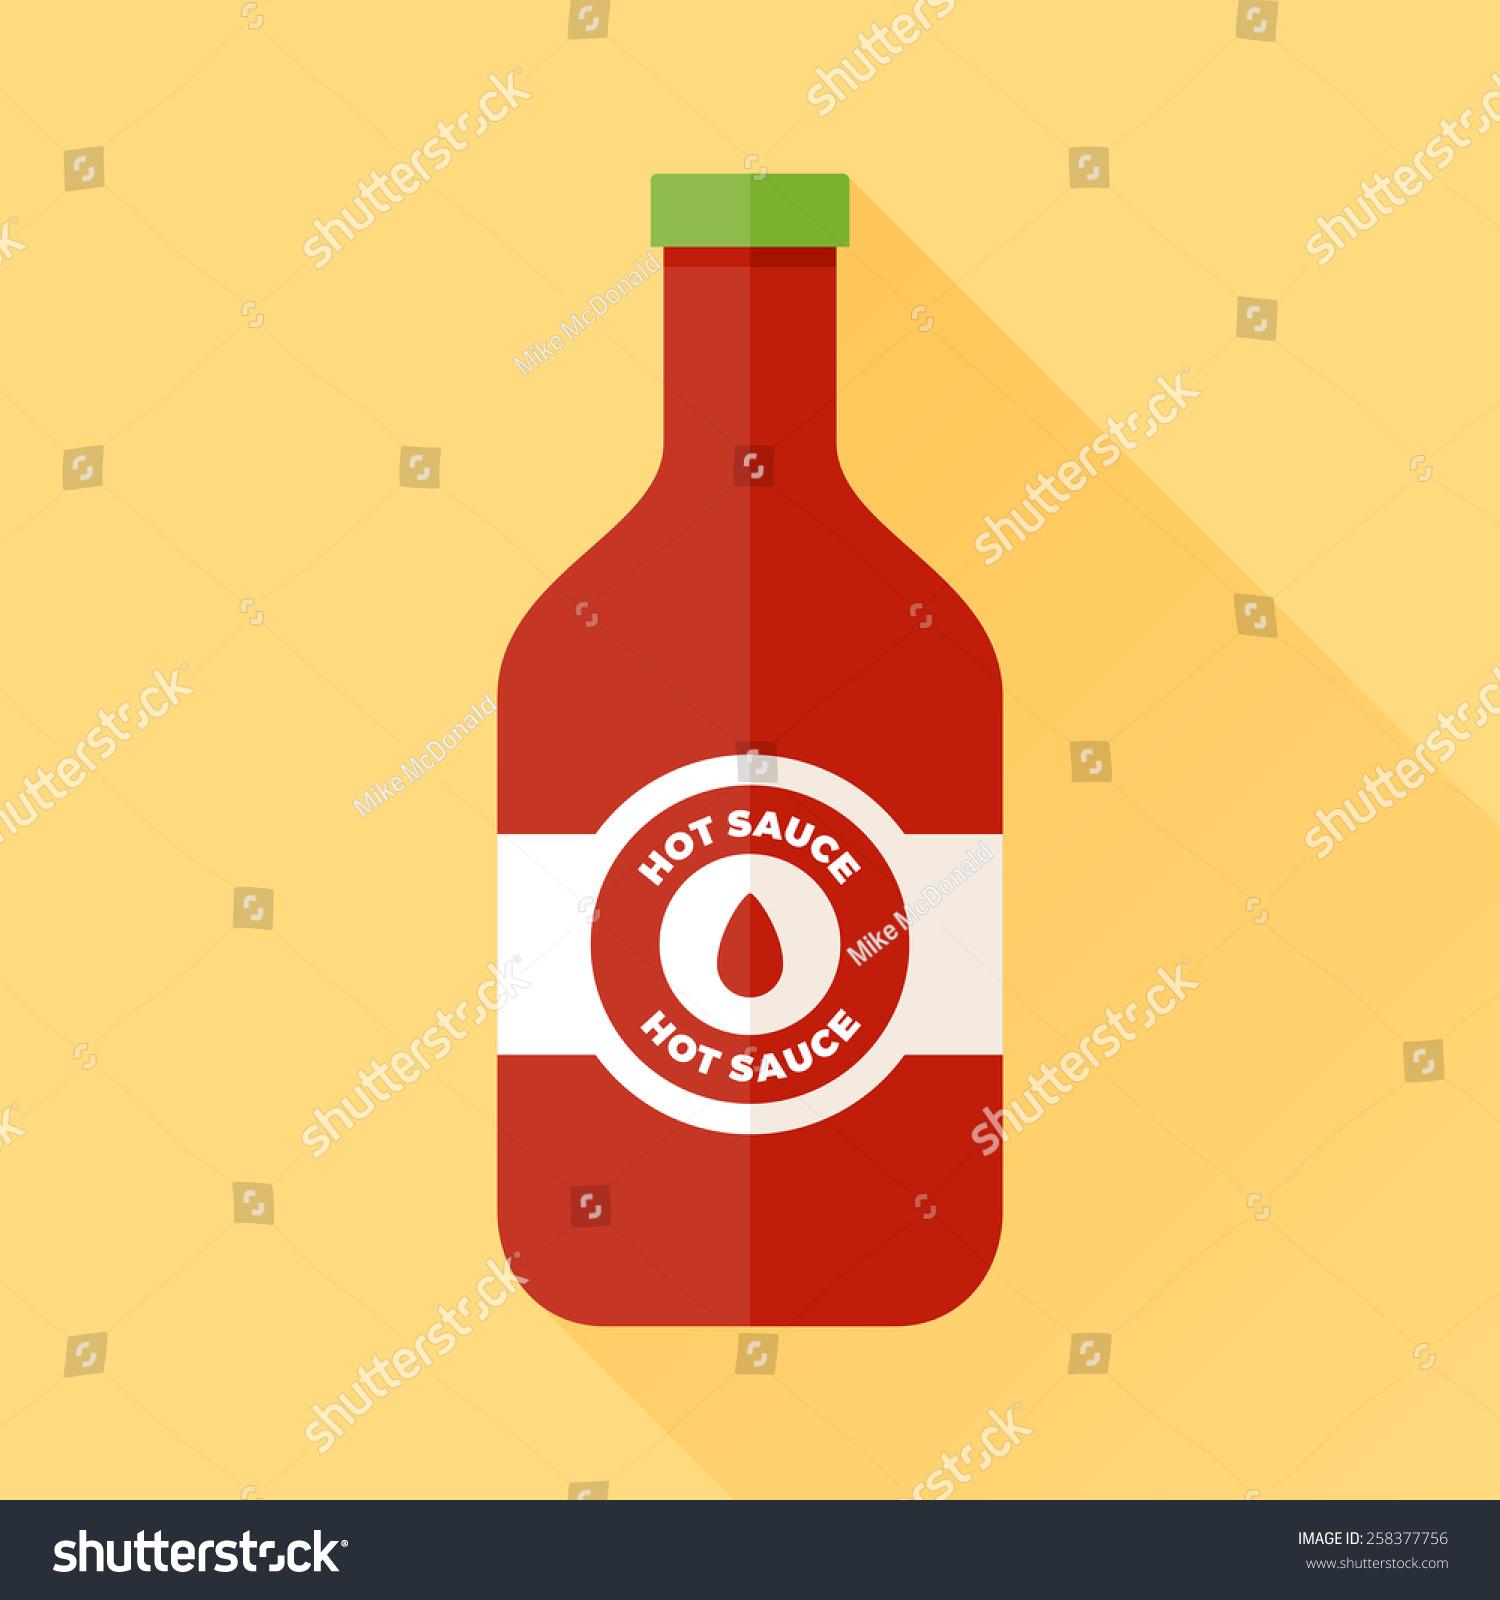 一瓶辣椒酱标签和绿色帽子-食品及饮料